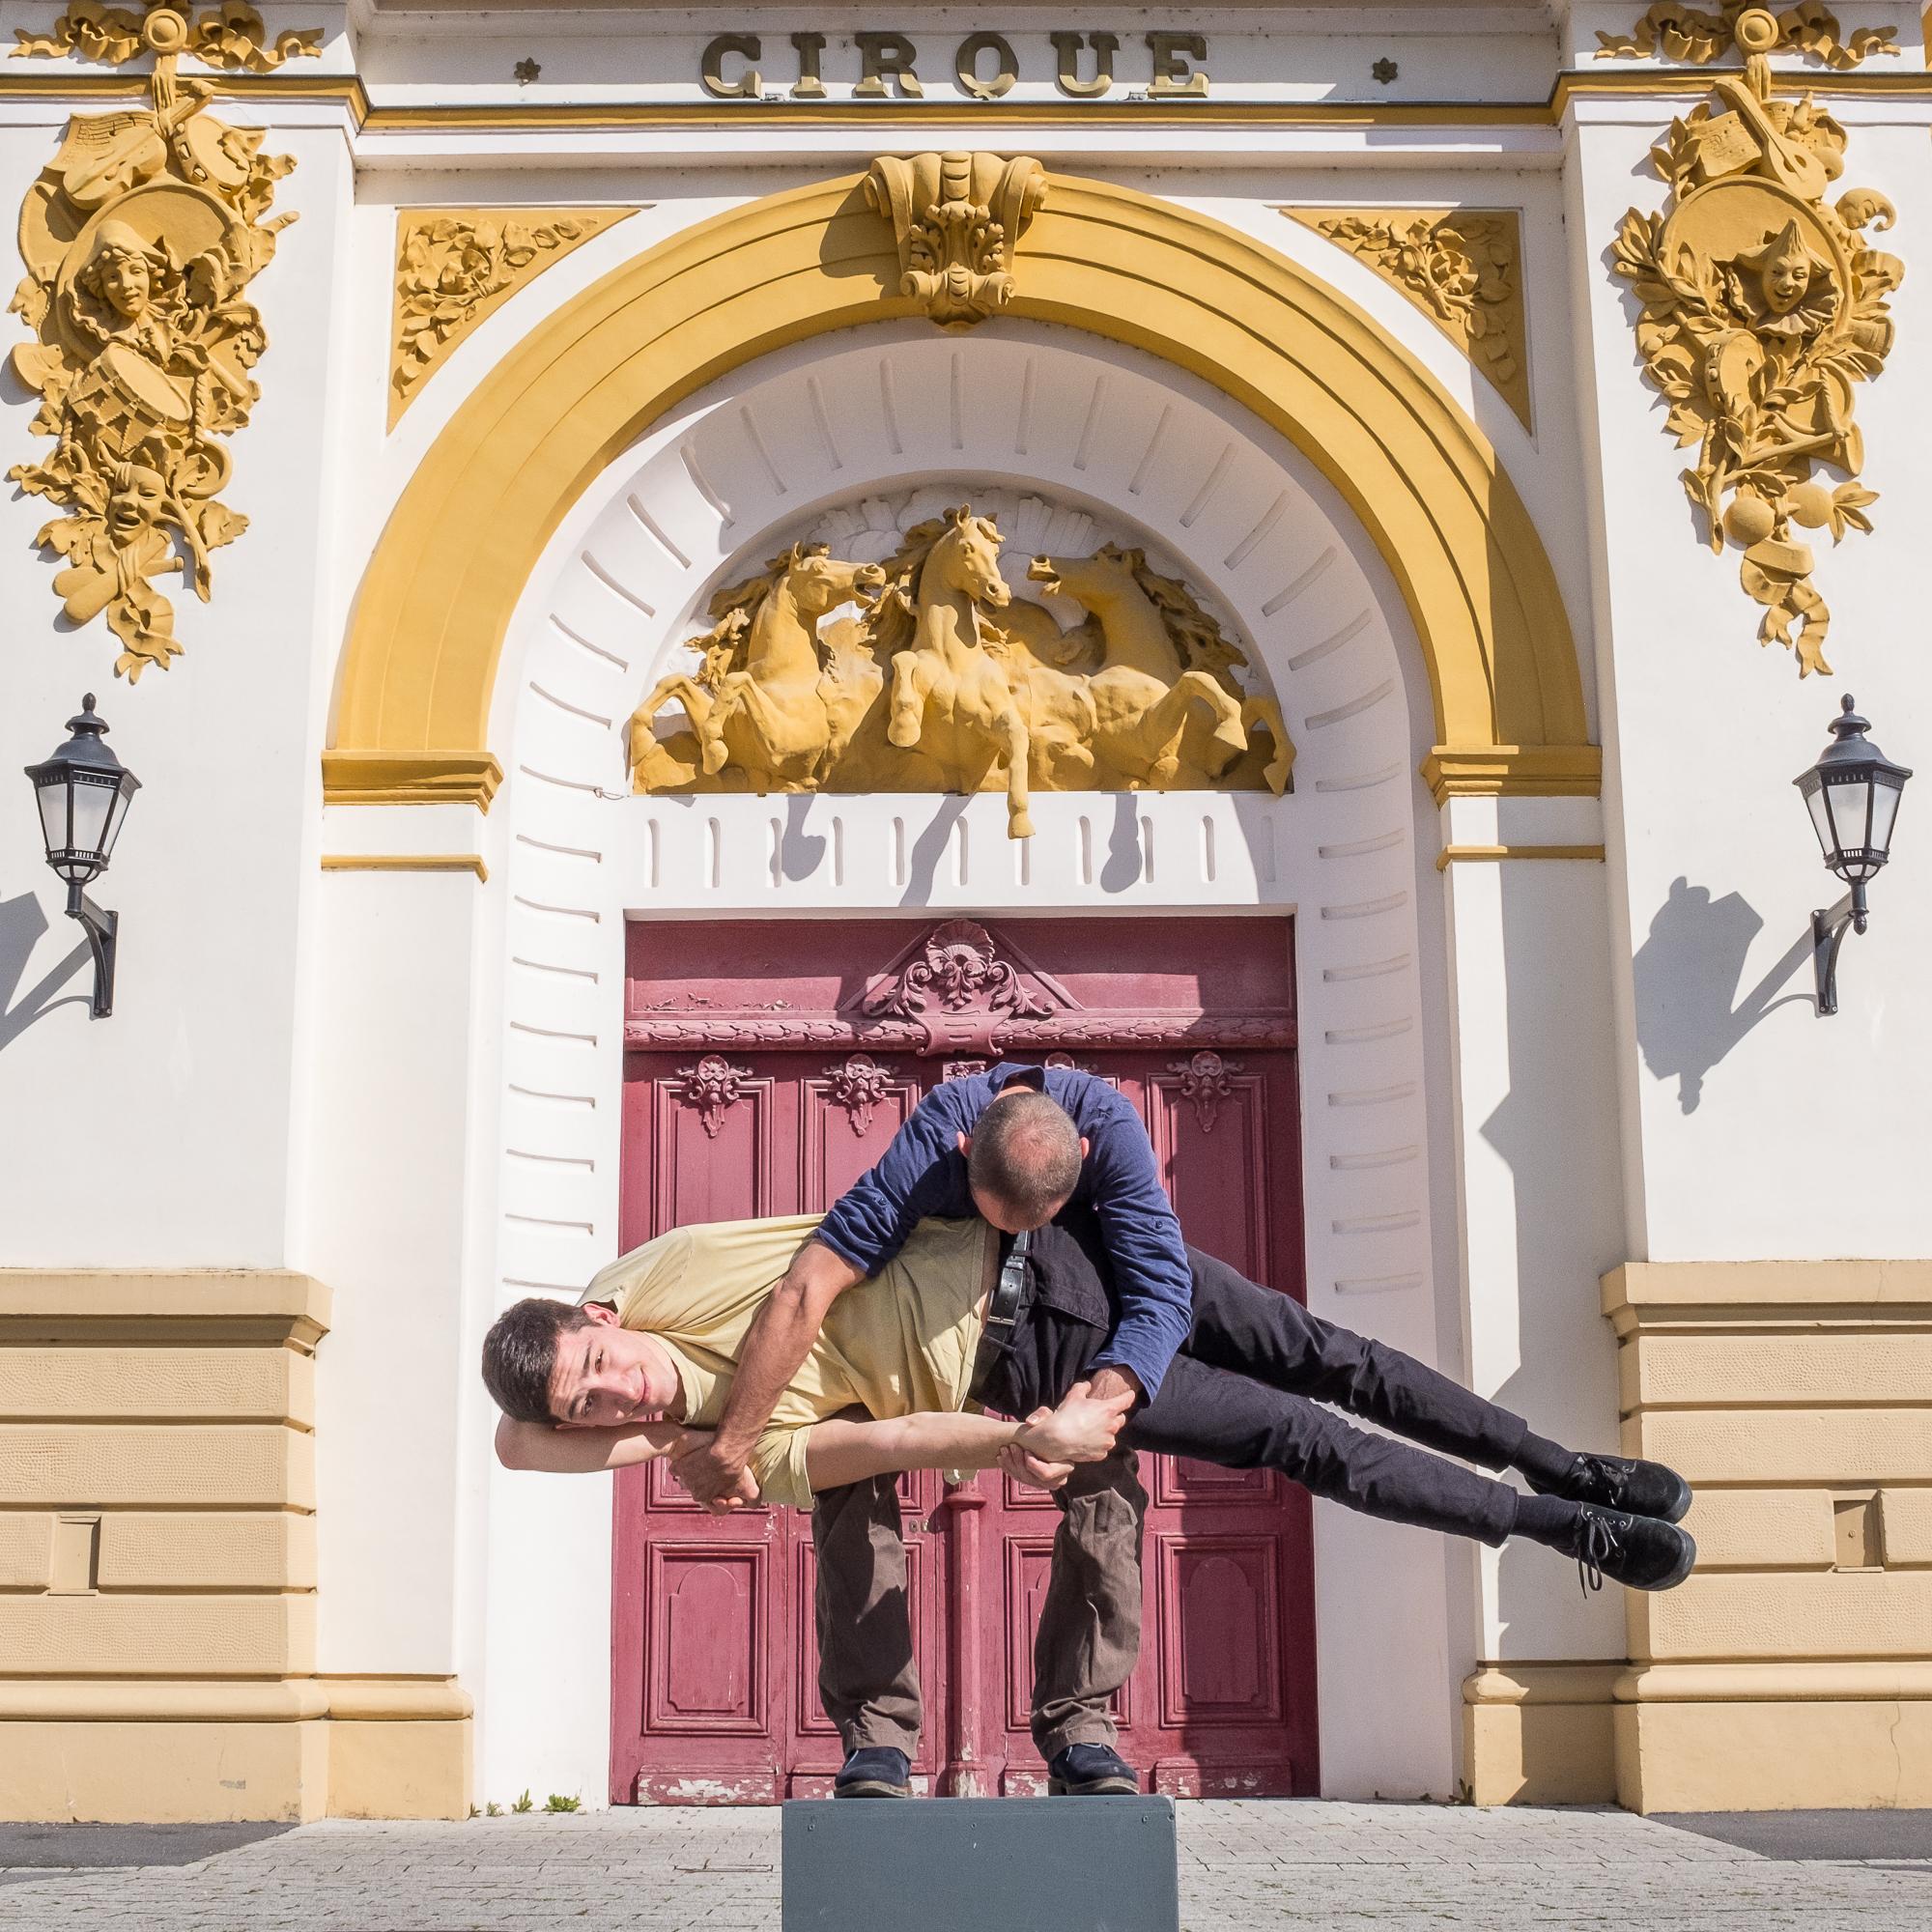 Cirque - Giuseppe